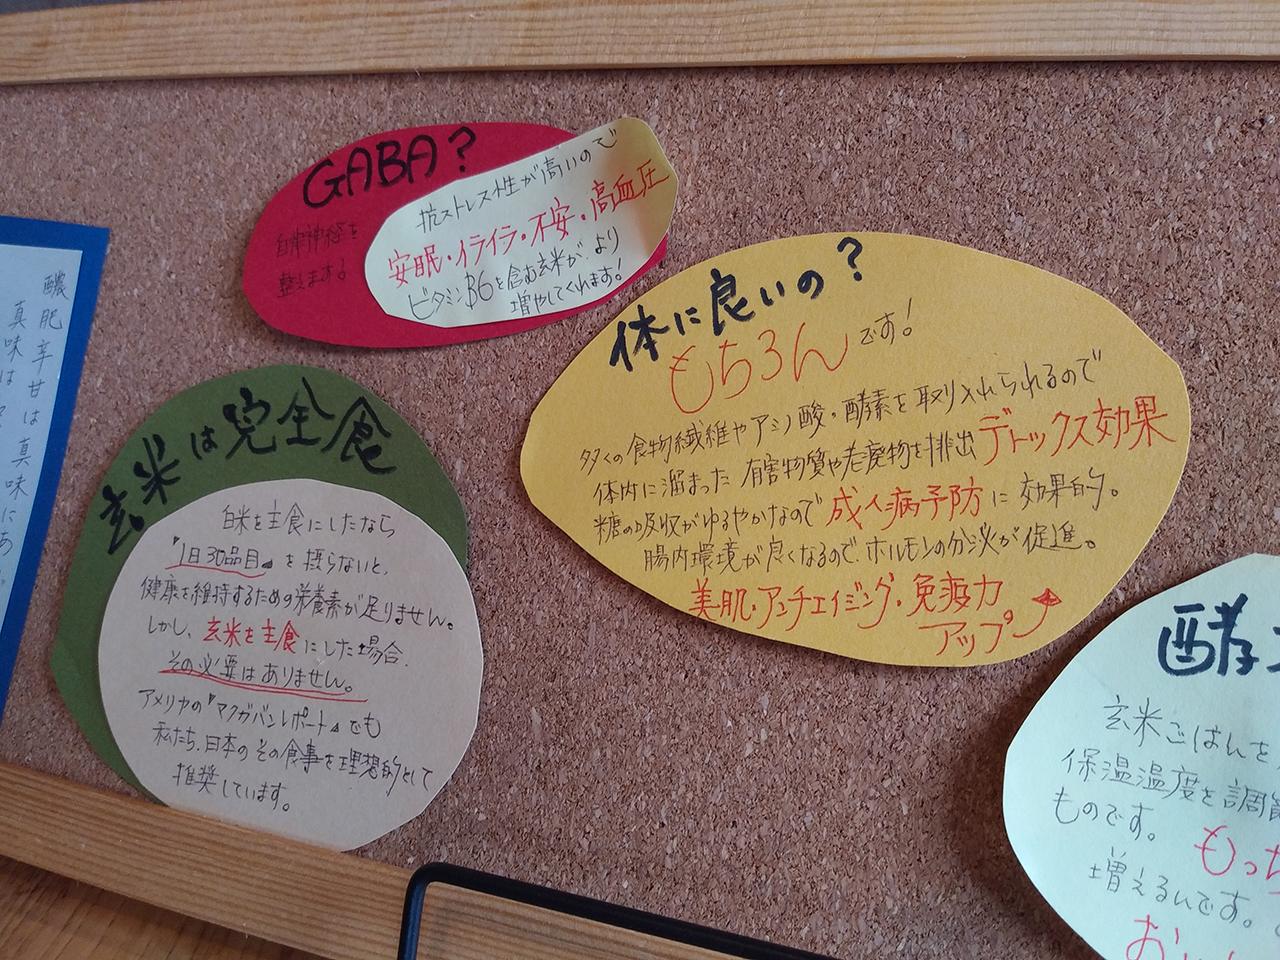 店内に飾られた酵素玄米のポップ写真